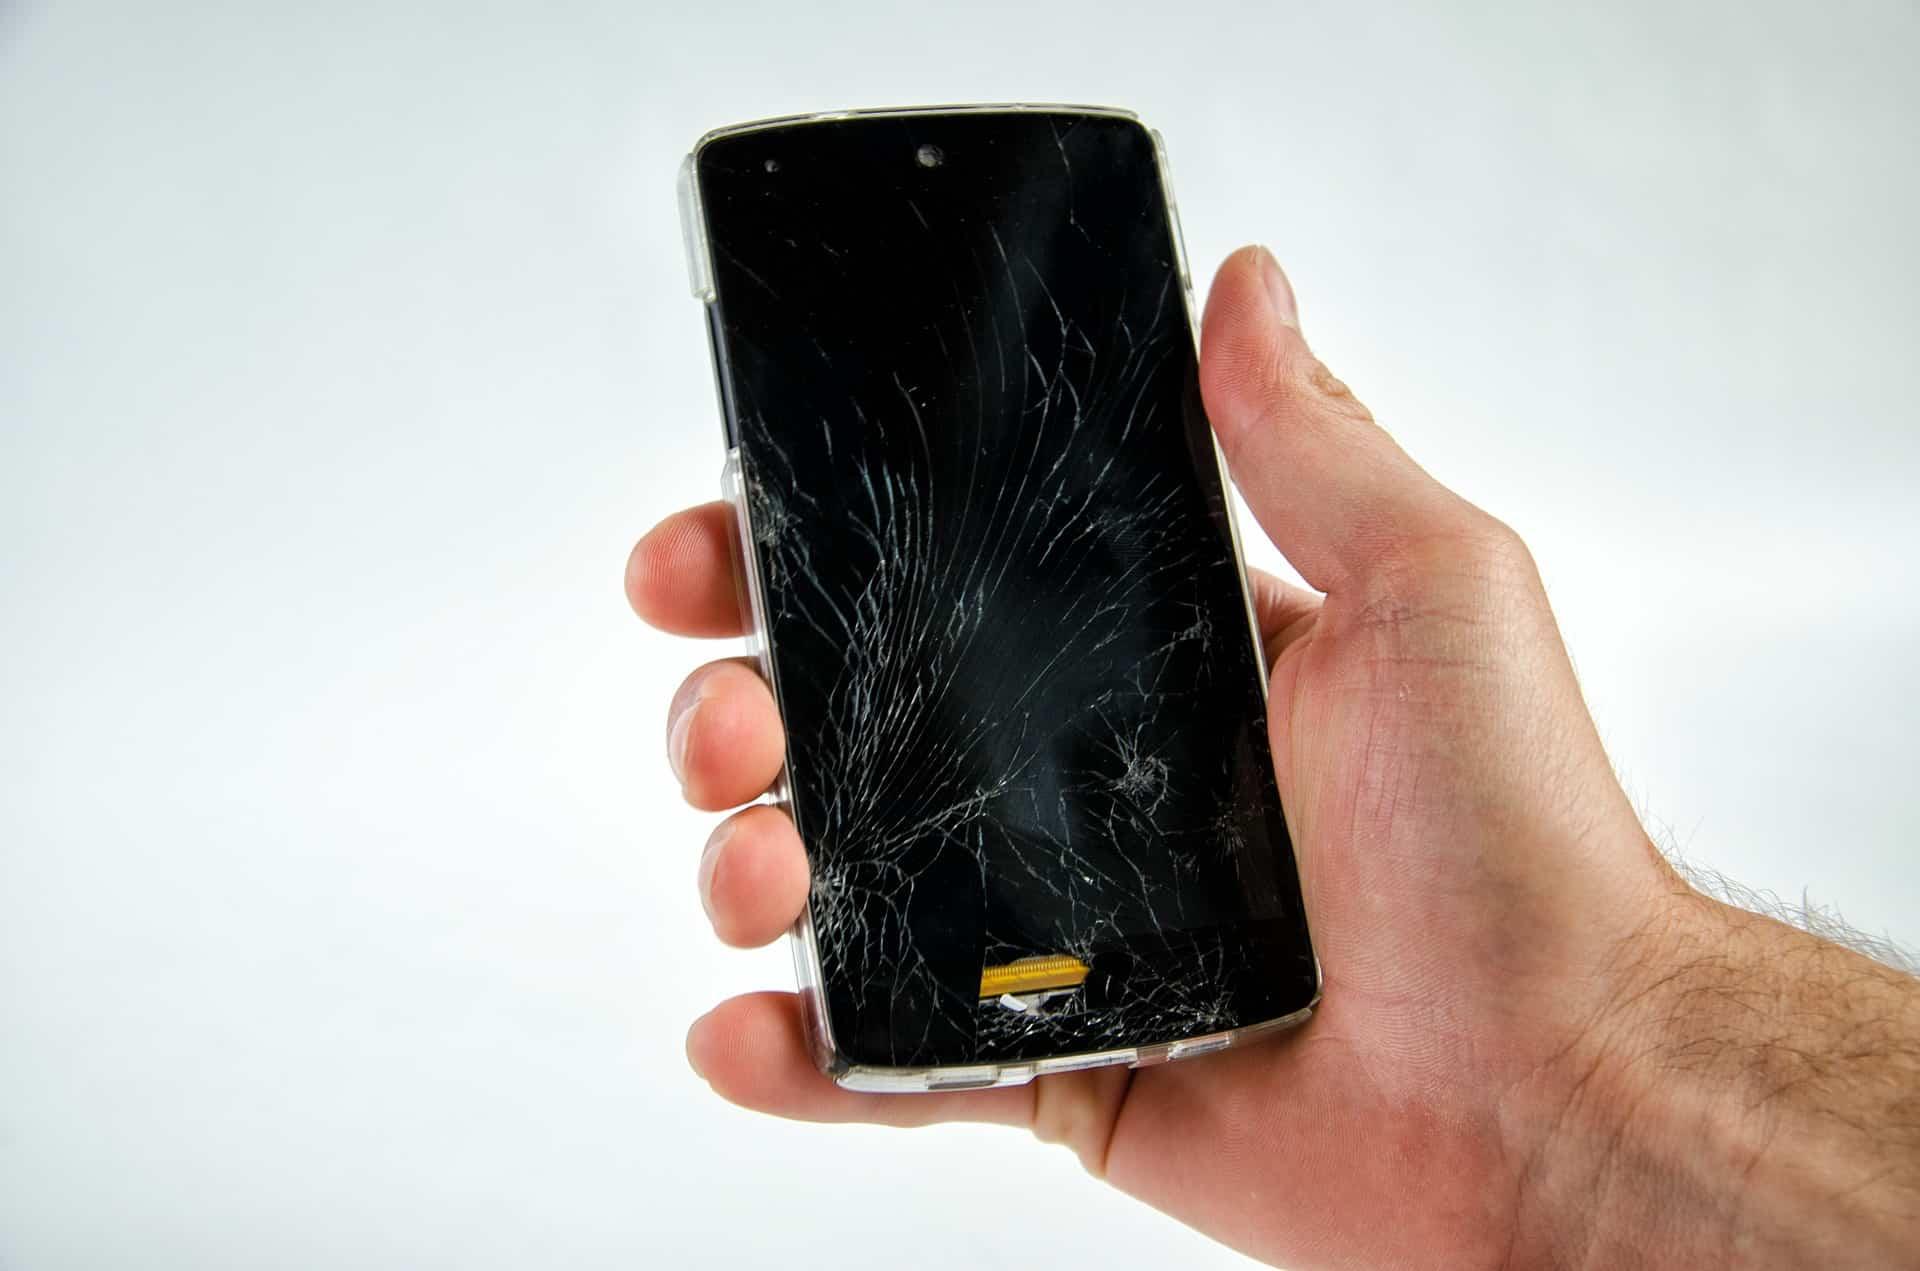 smartphone-2539693_1920